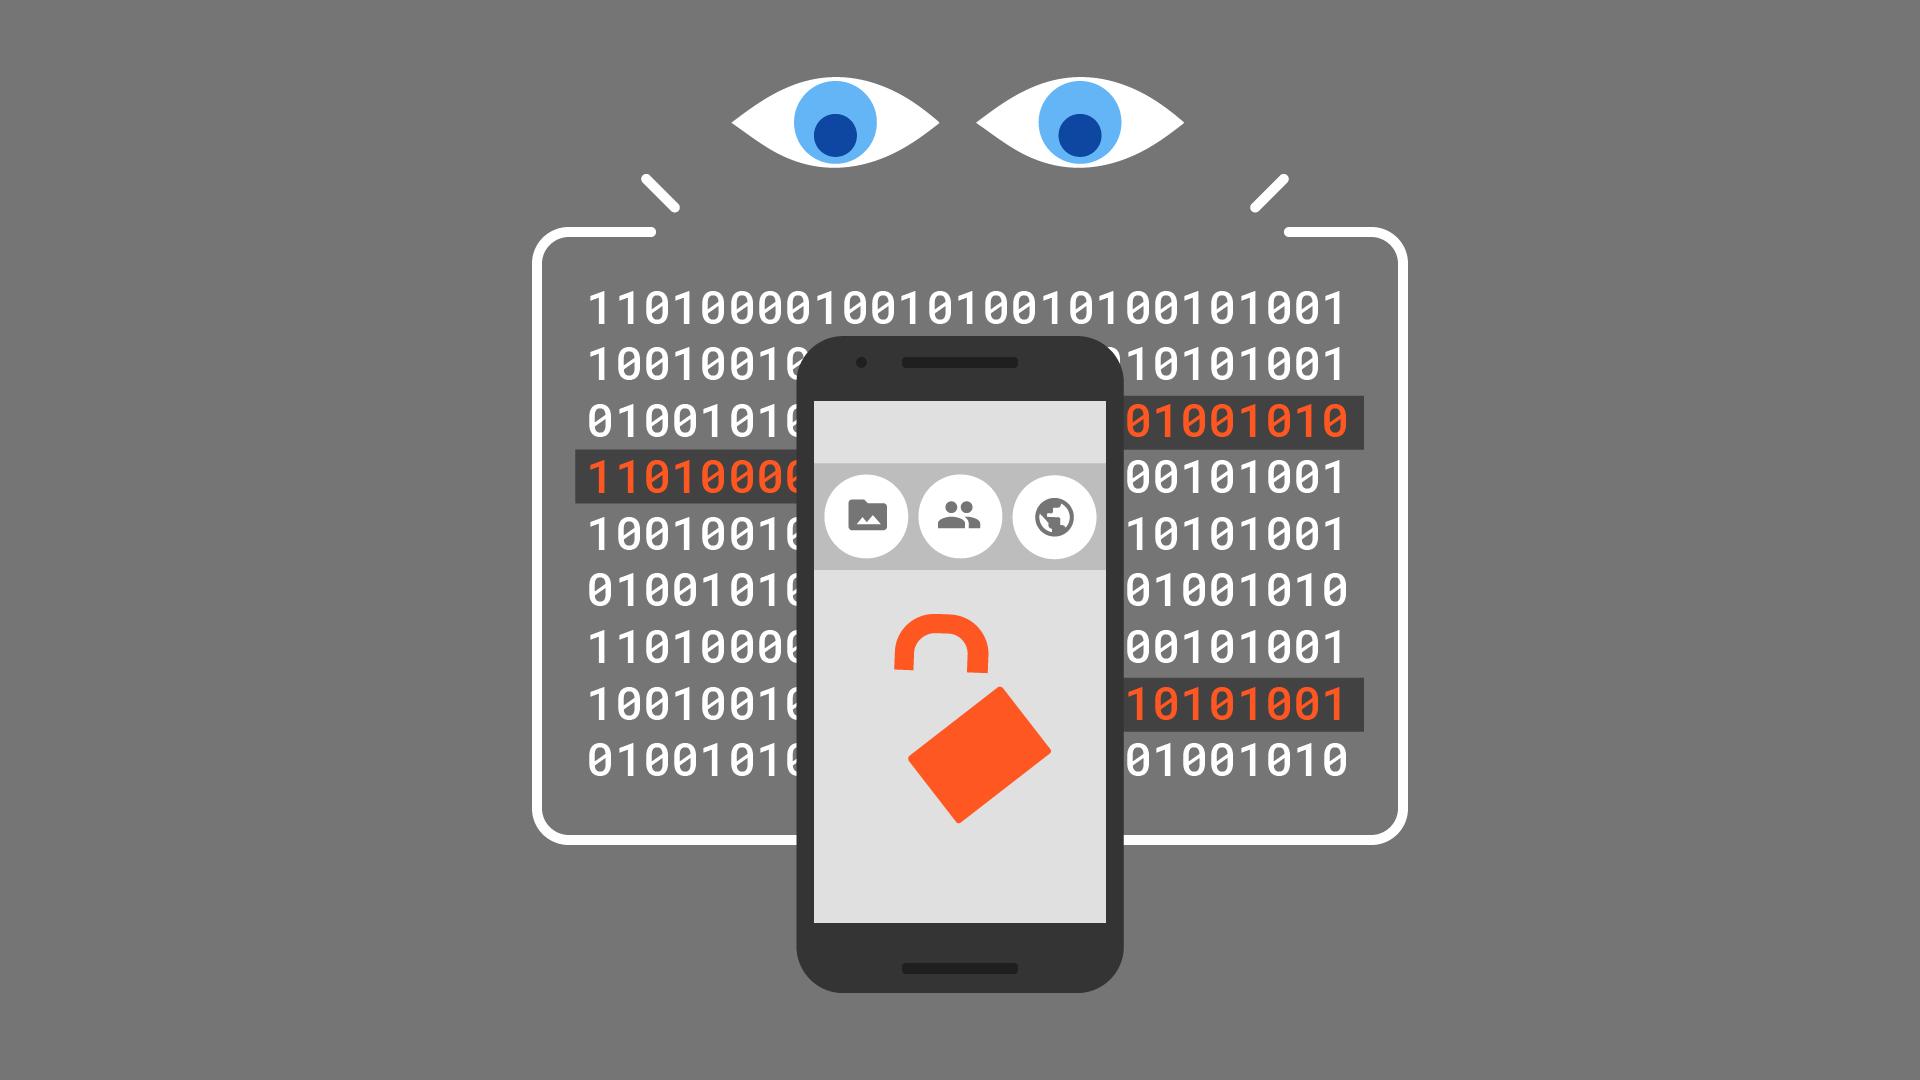 Ilustração da segurança móvel